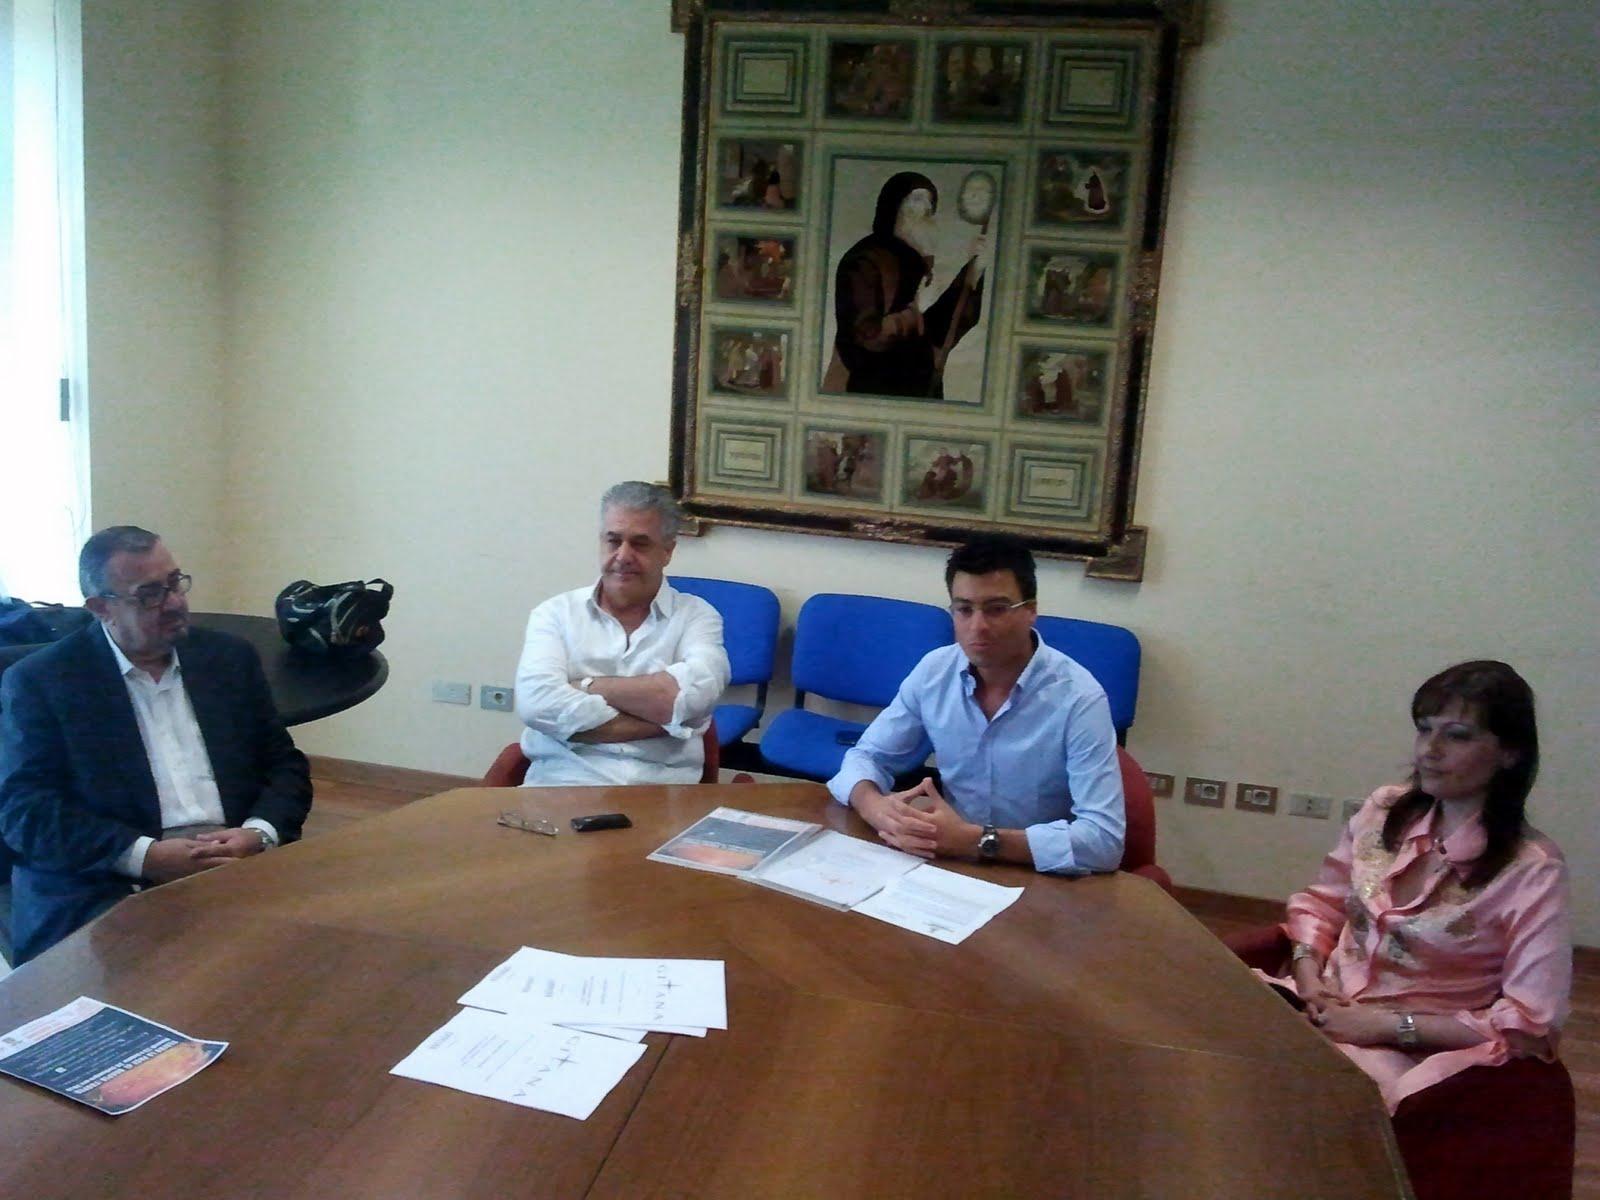 Ufficio stampa della provincia di vibo valentia musica for Ufficio stampa design milano